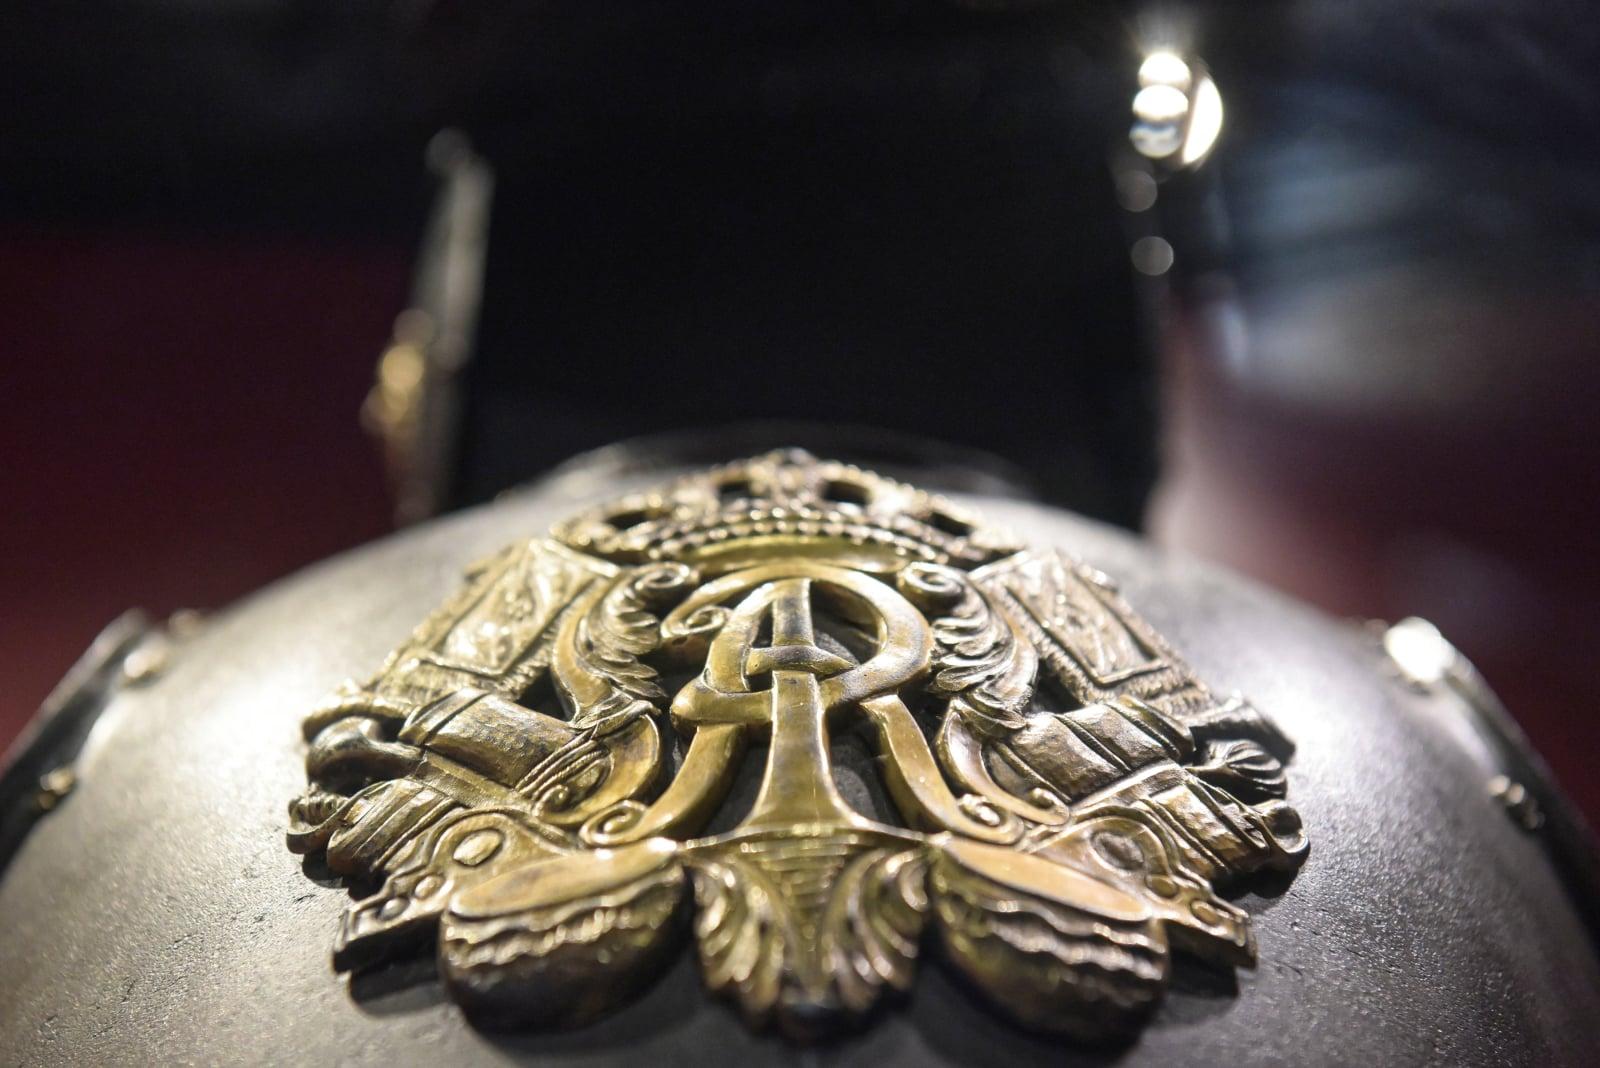 Prezentacja nowych artefaktów w Muzeum w Malborku